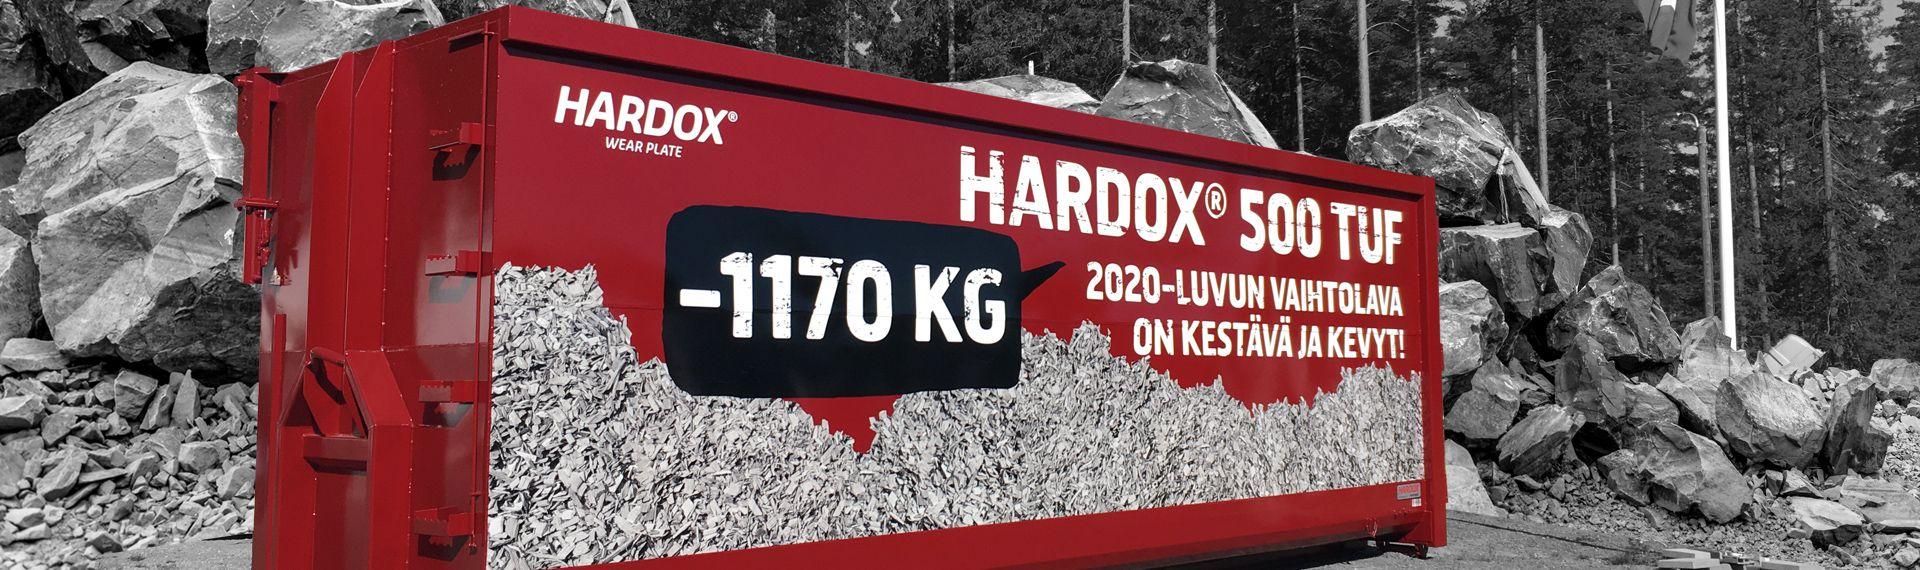 Vaihtolava valmistettu Hardox® 500 Tuf teräksestä valmiina päivän kovaan työhön